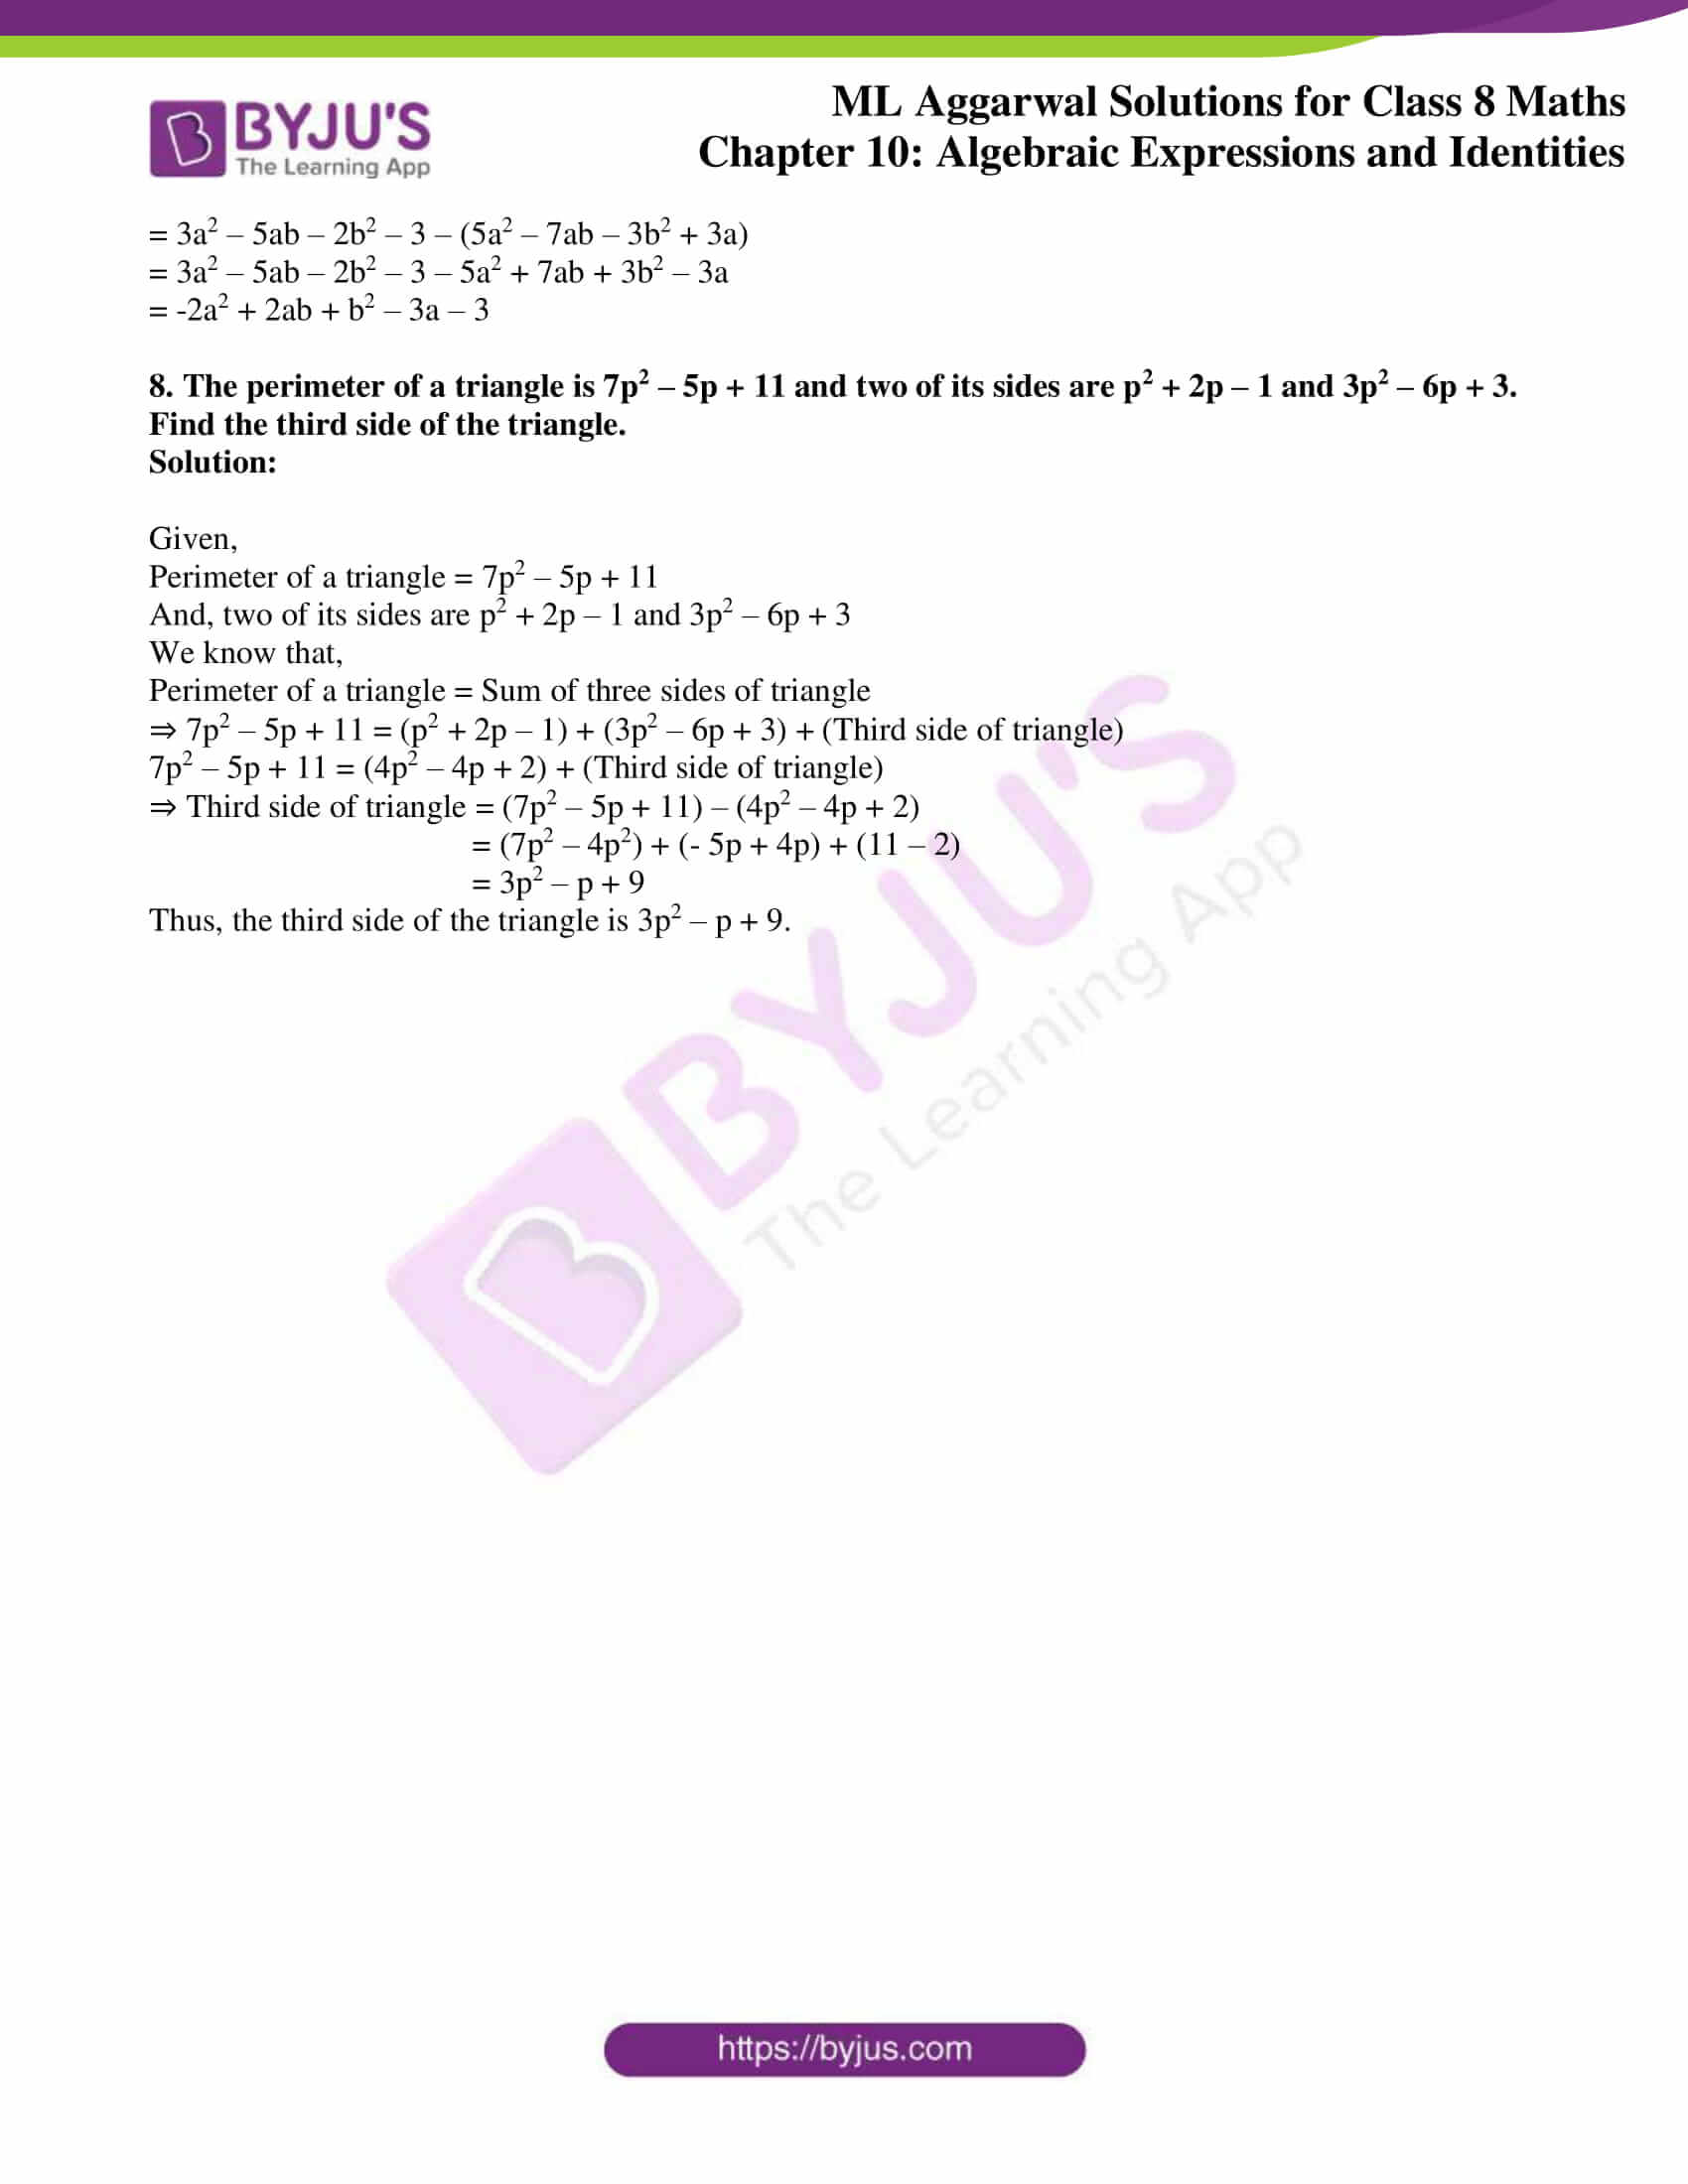 ml aggarwal sol mathematics class 8 ch 10 04